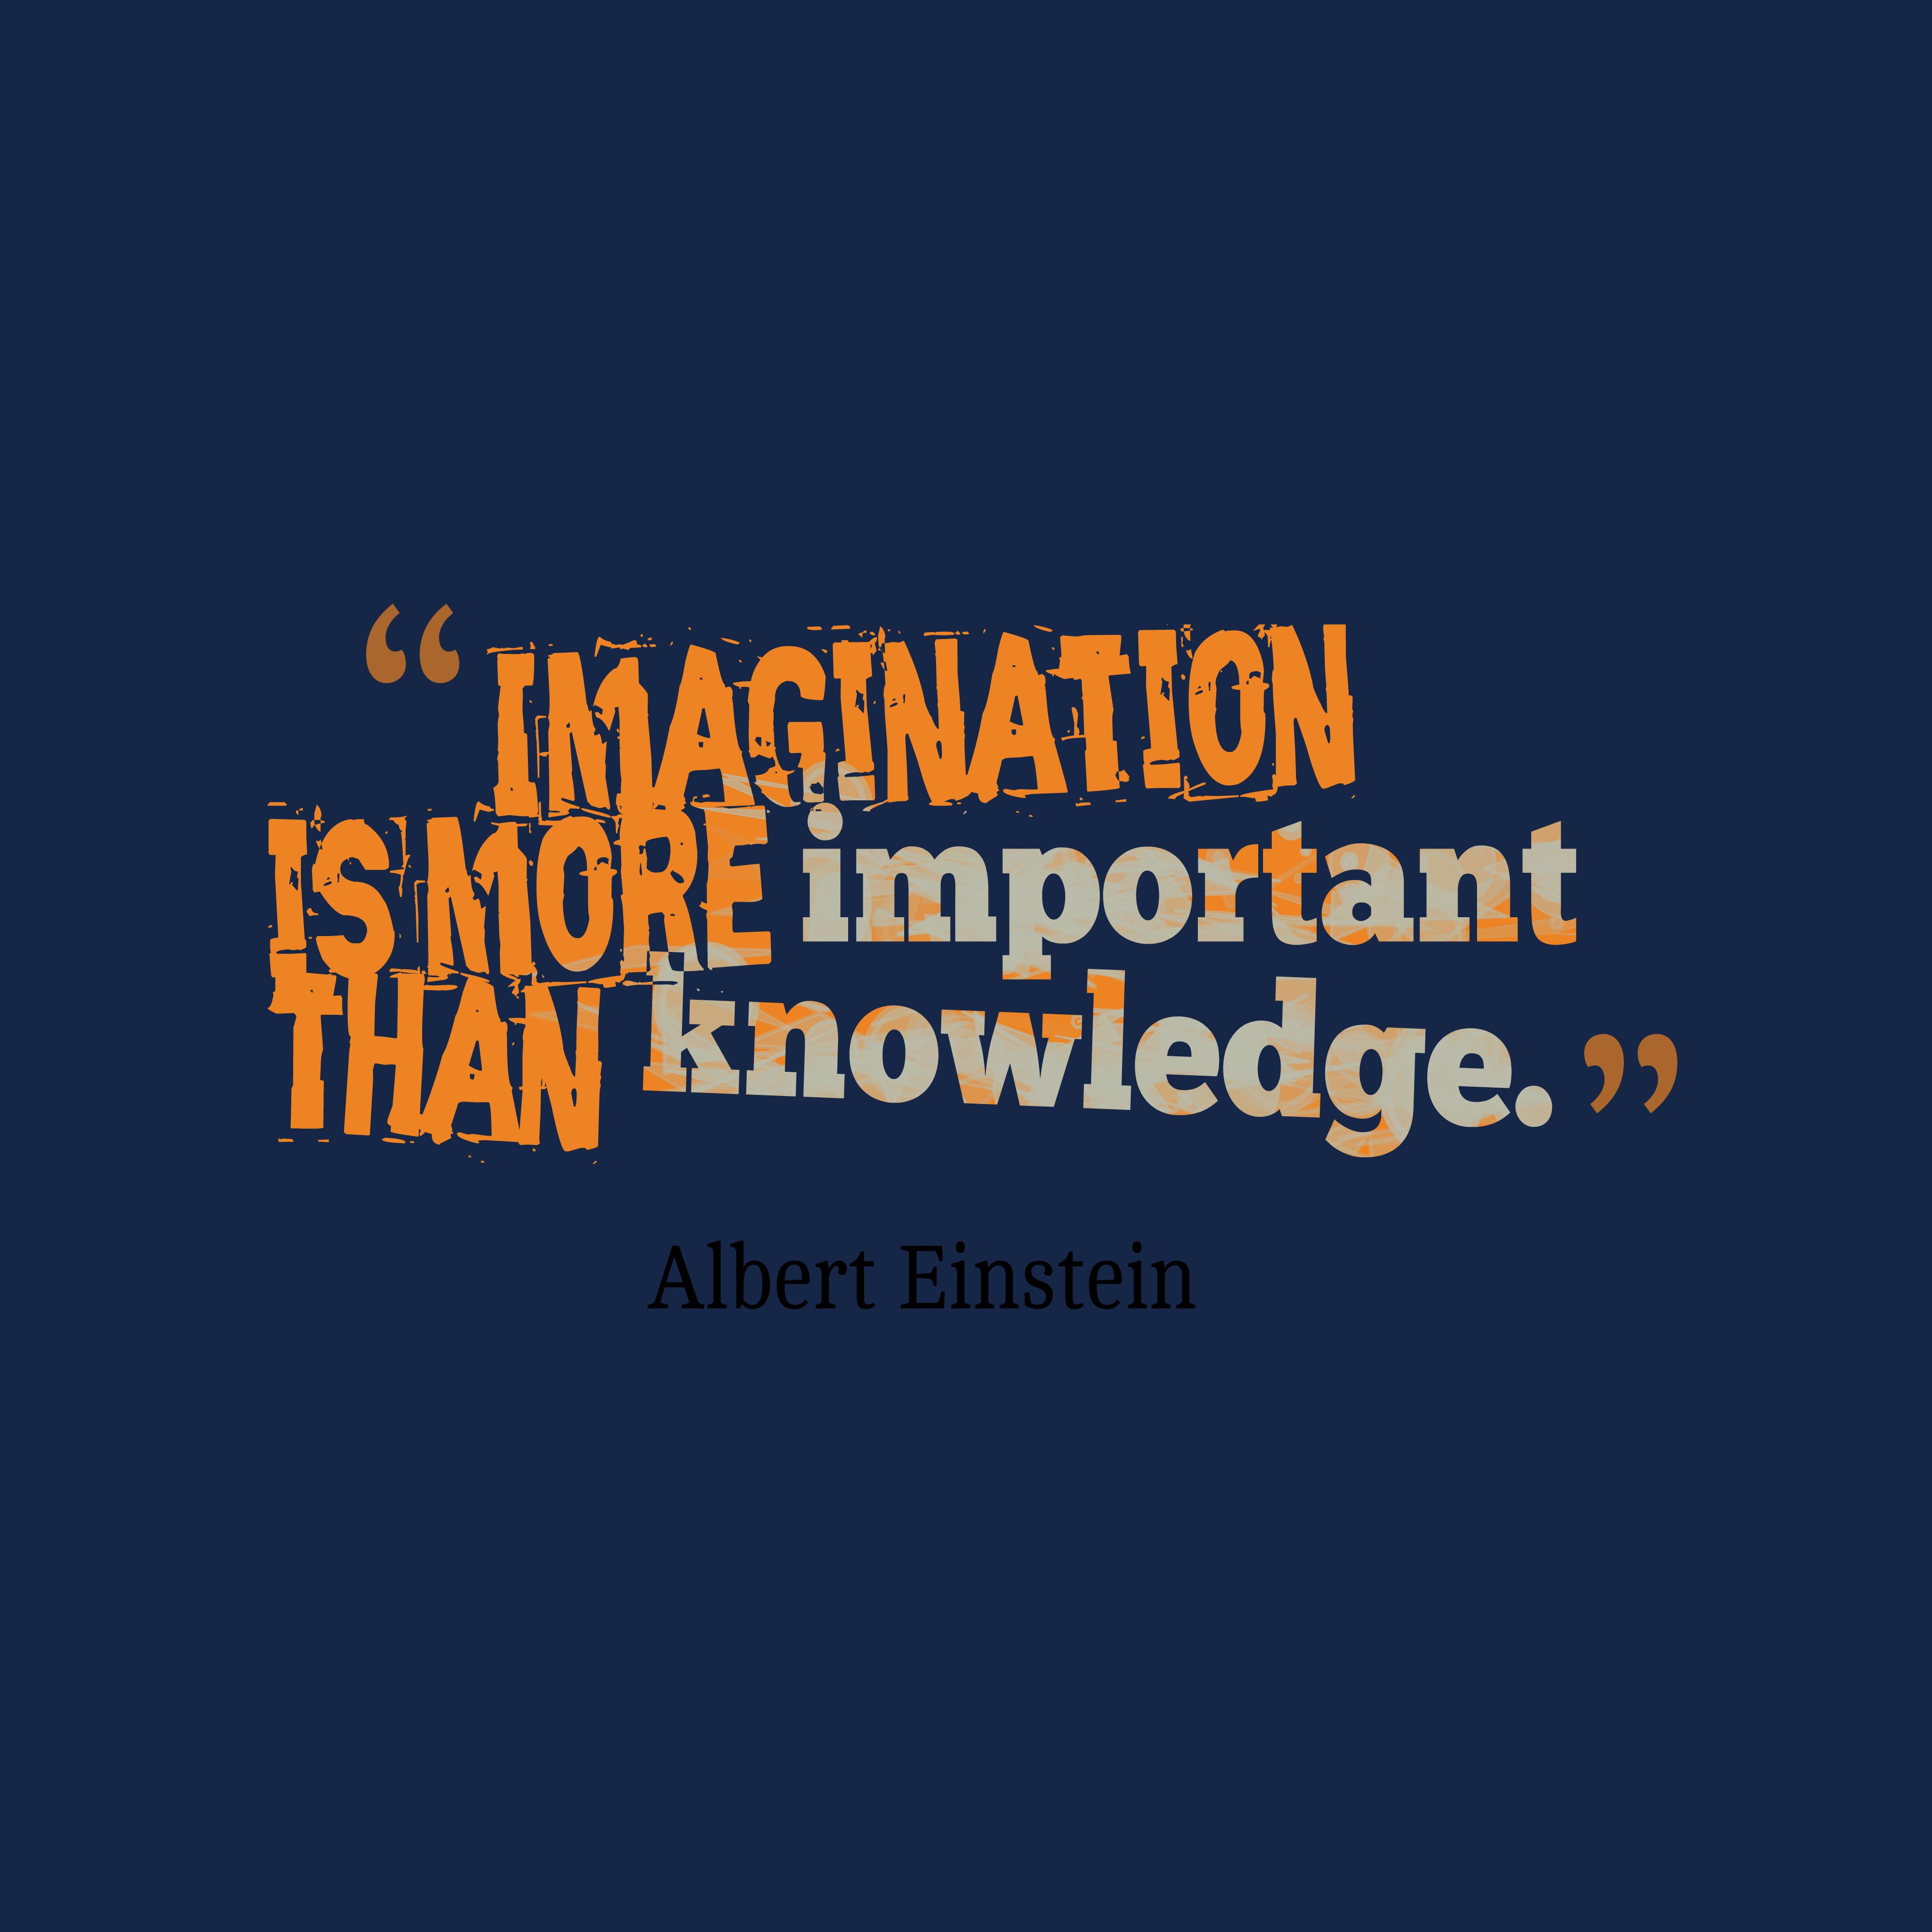 Albert Einstein Quote About Imagination